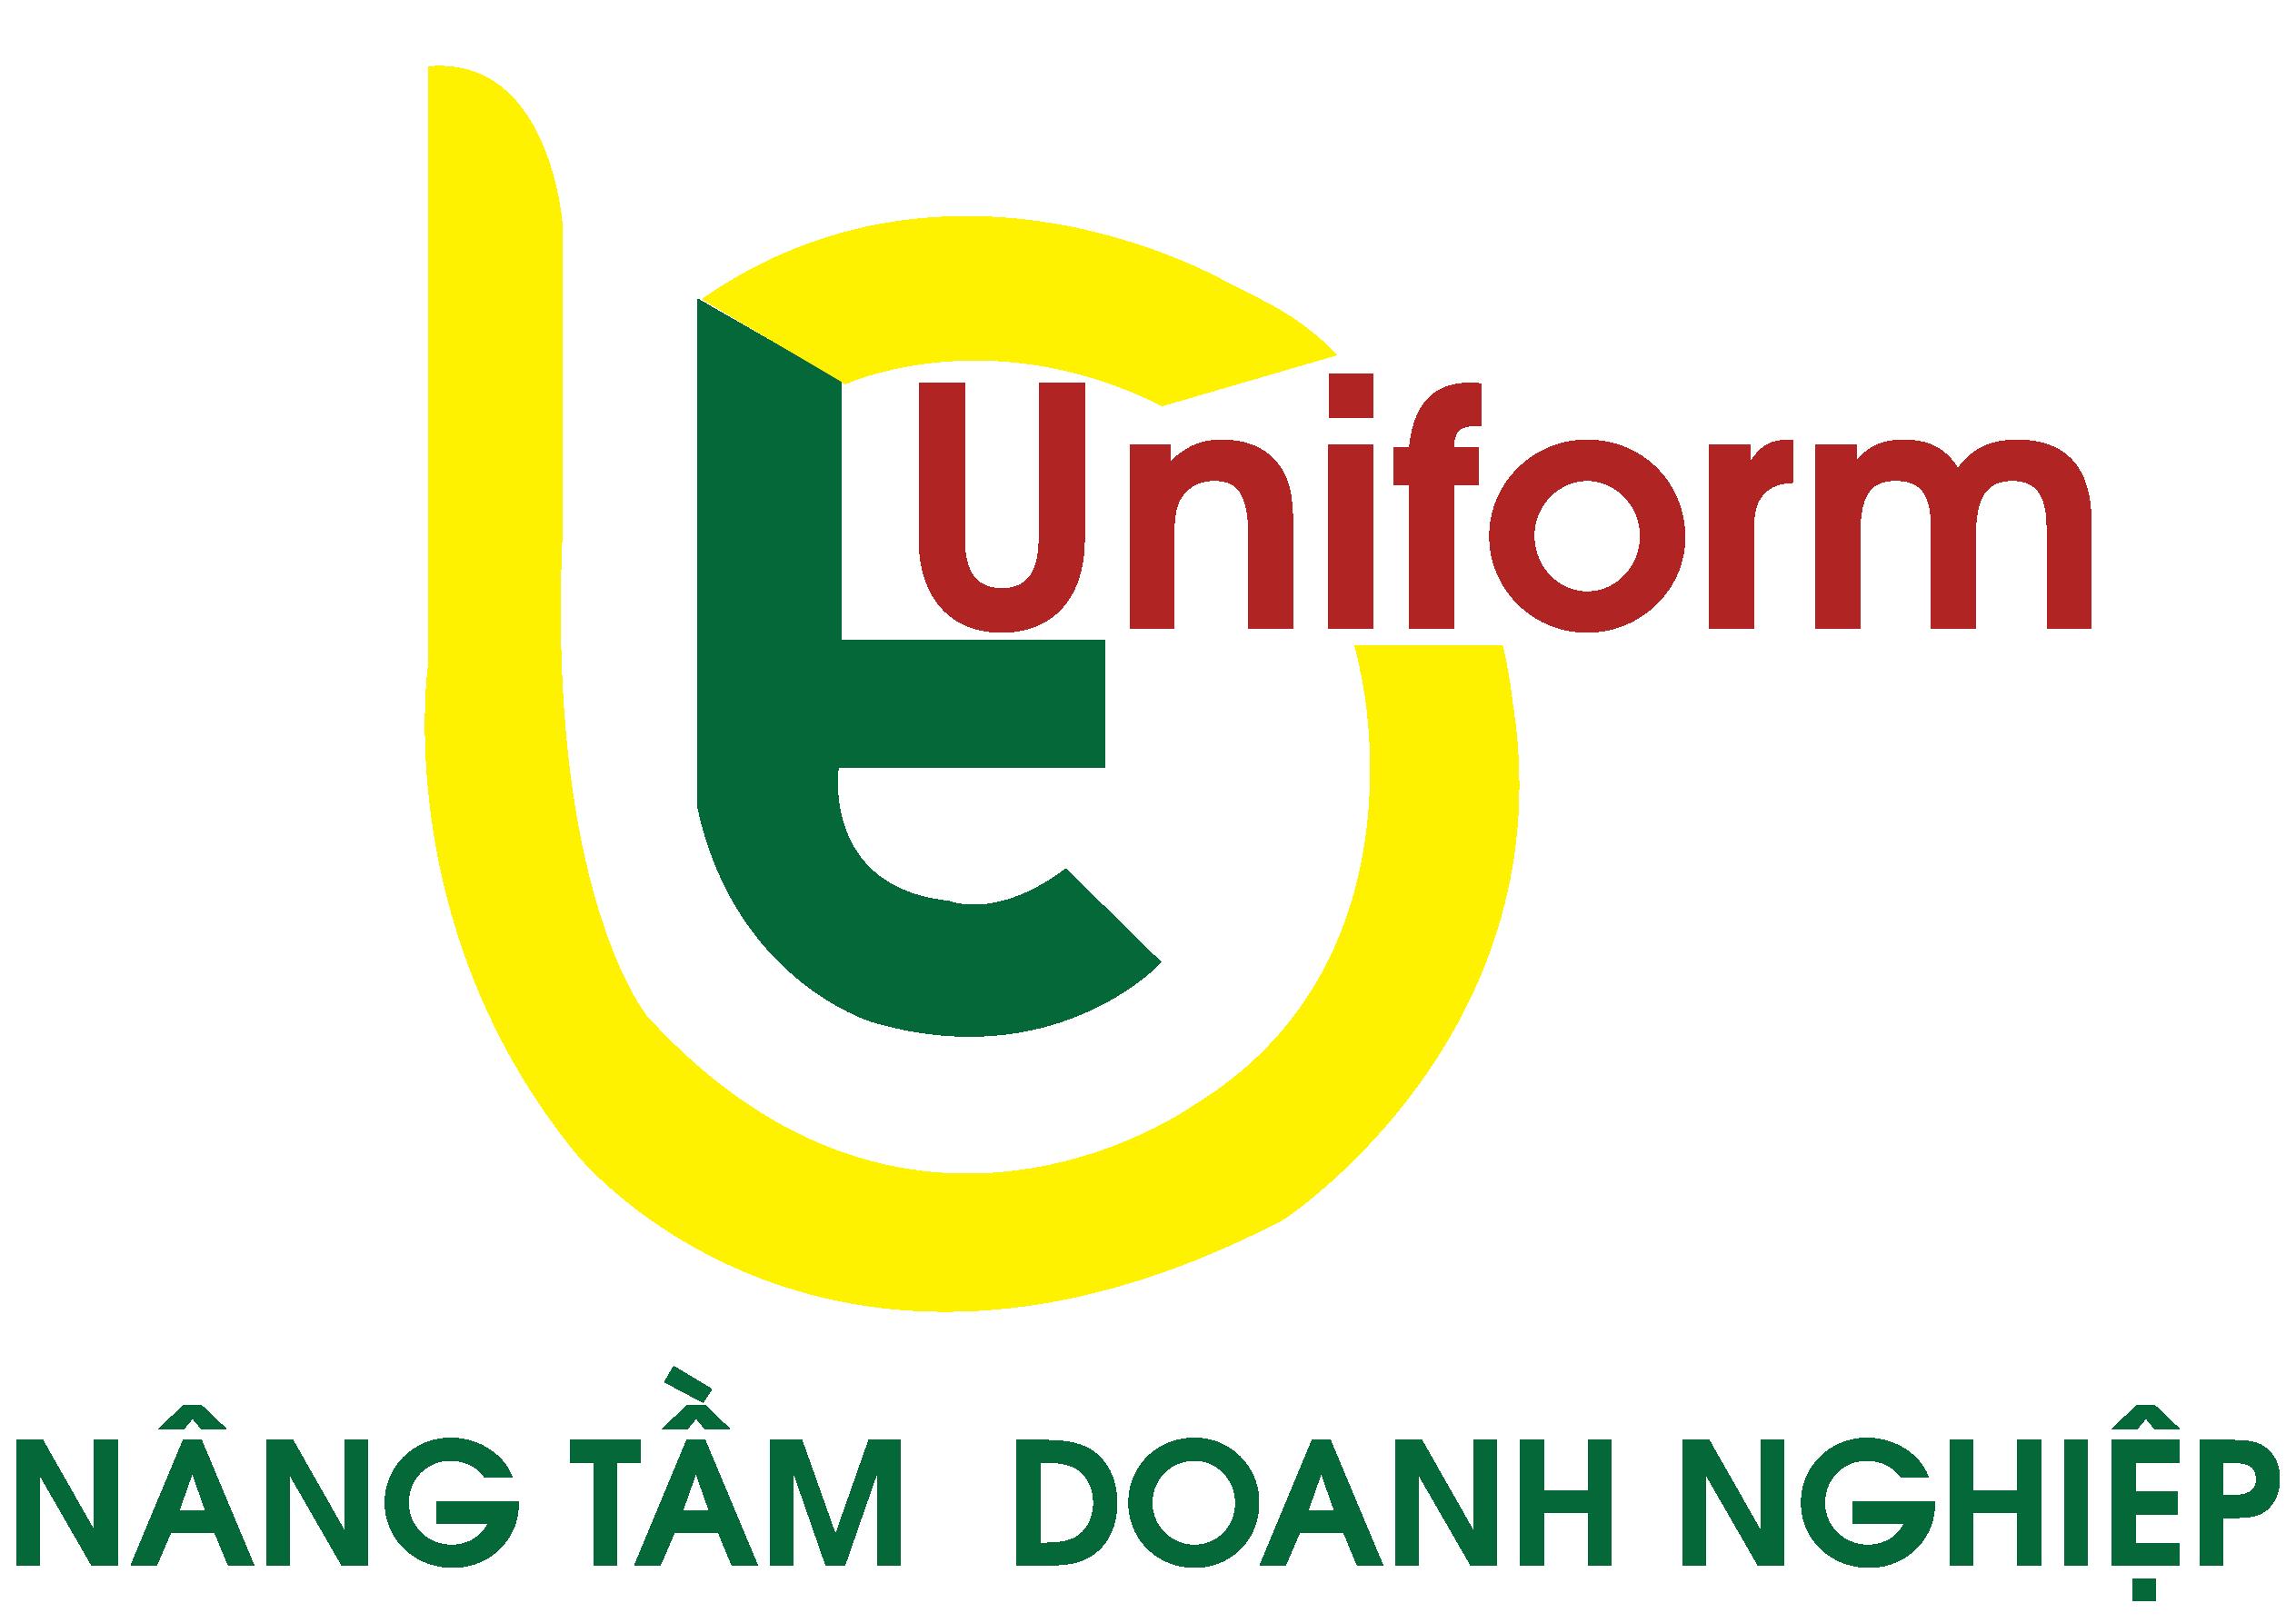 Đồng phục Tiến Bảo – Công ty may đồng phục tại tphcm